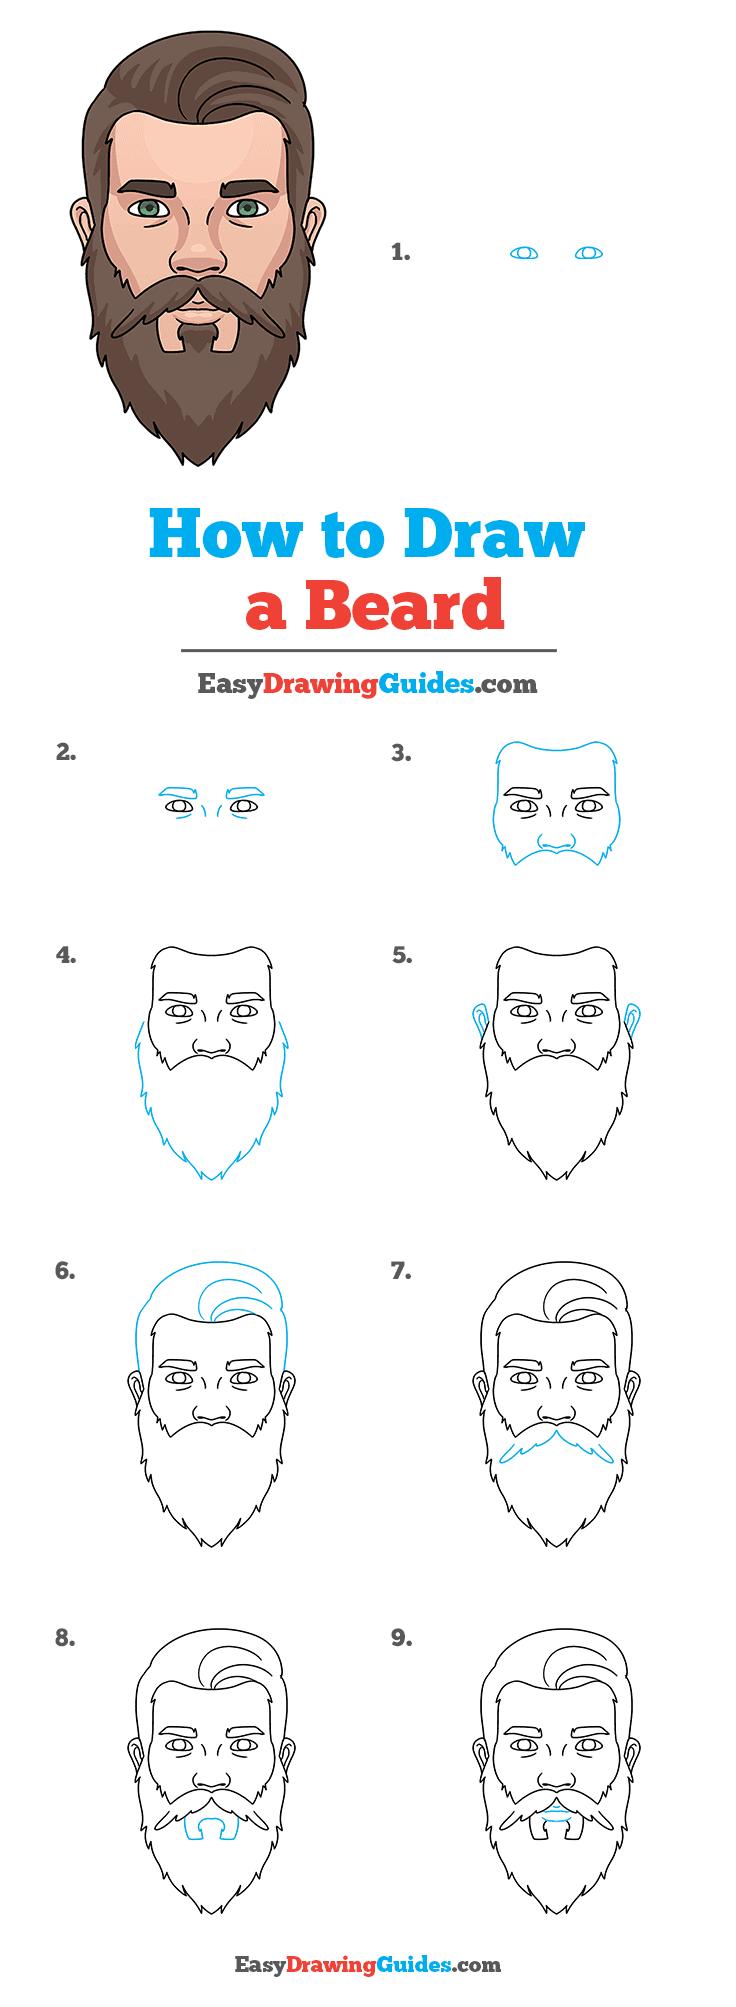 How to Draw Beard